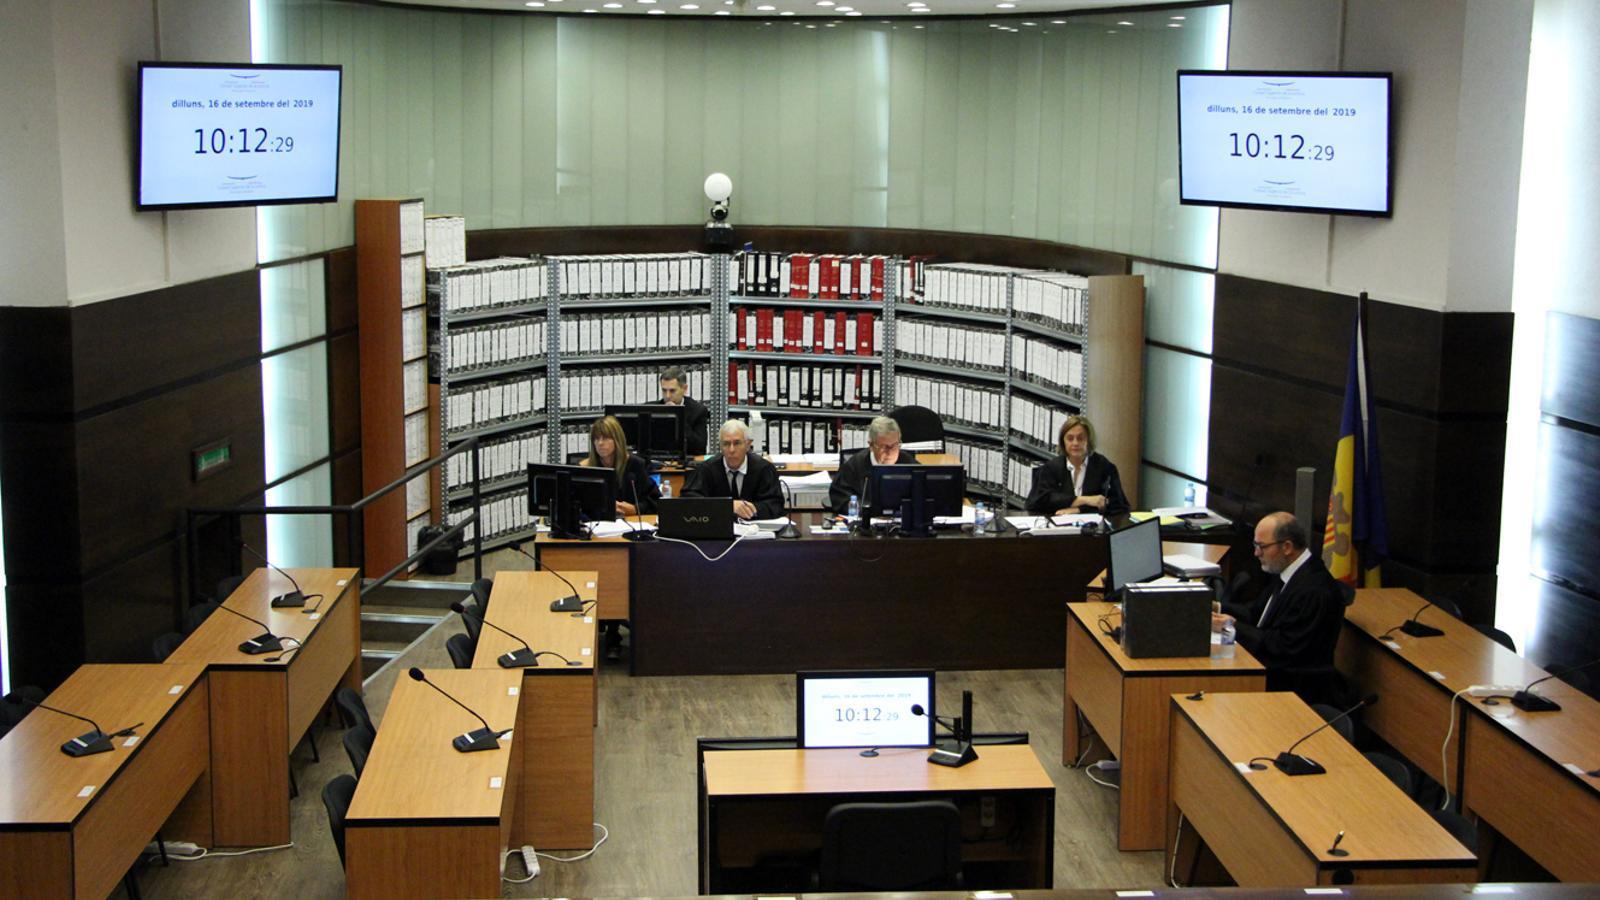 La sala habilitada a Prada Caadet minuts abans de l'inici del judici. / T. N. (ANA)